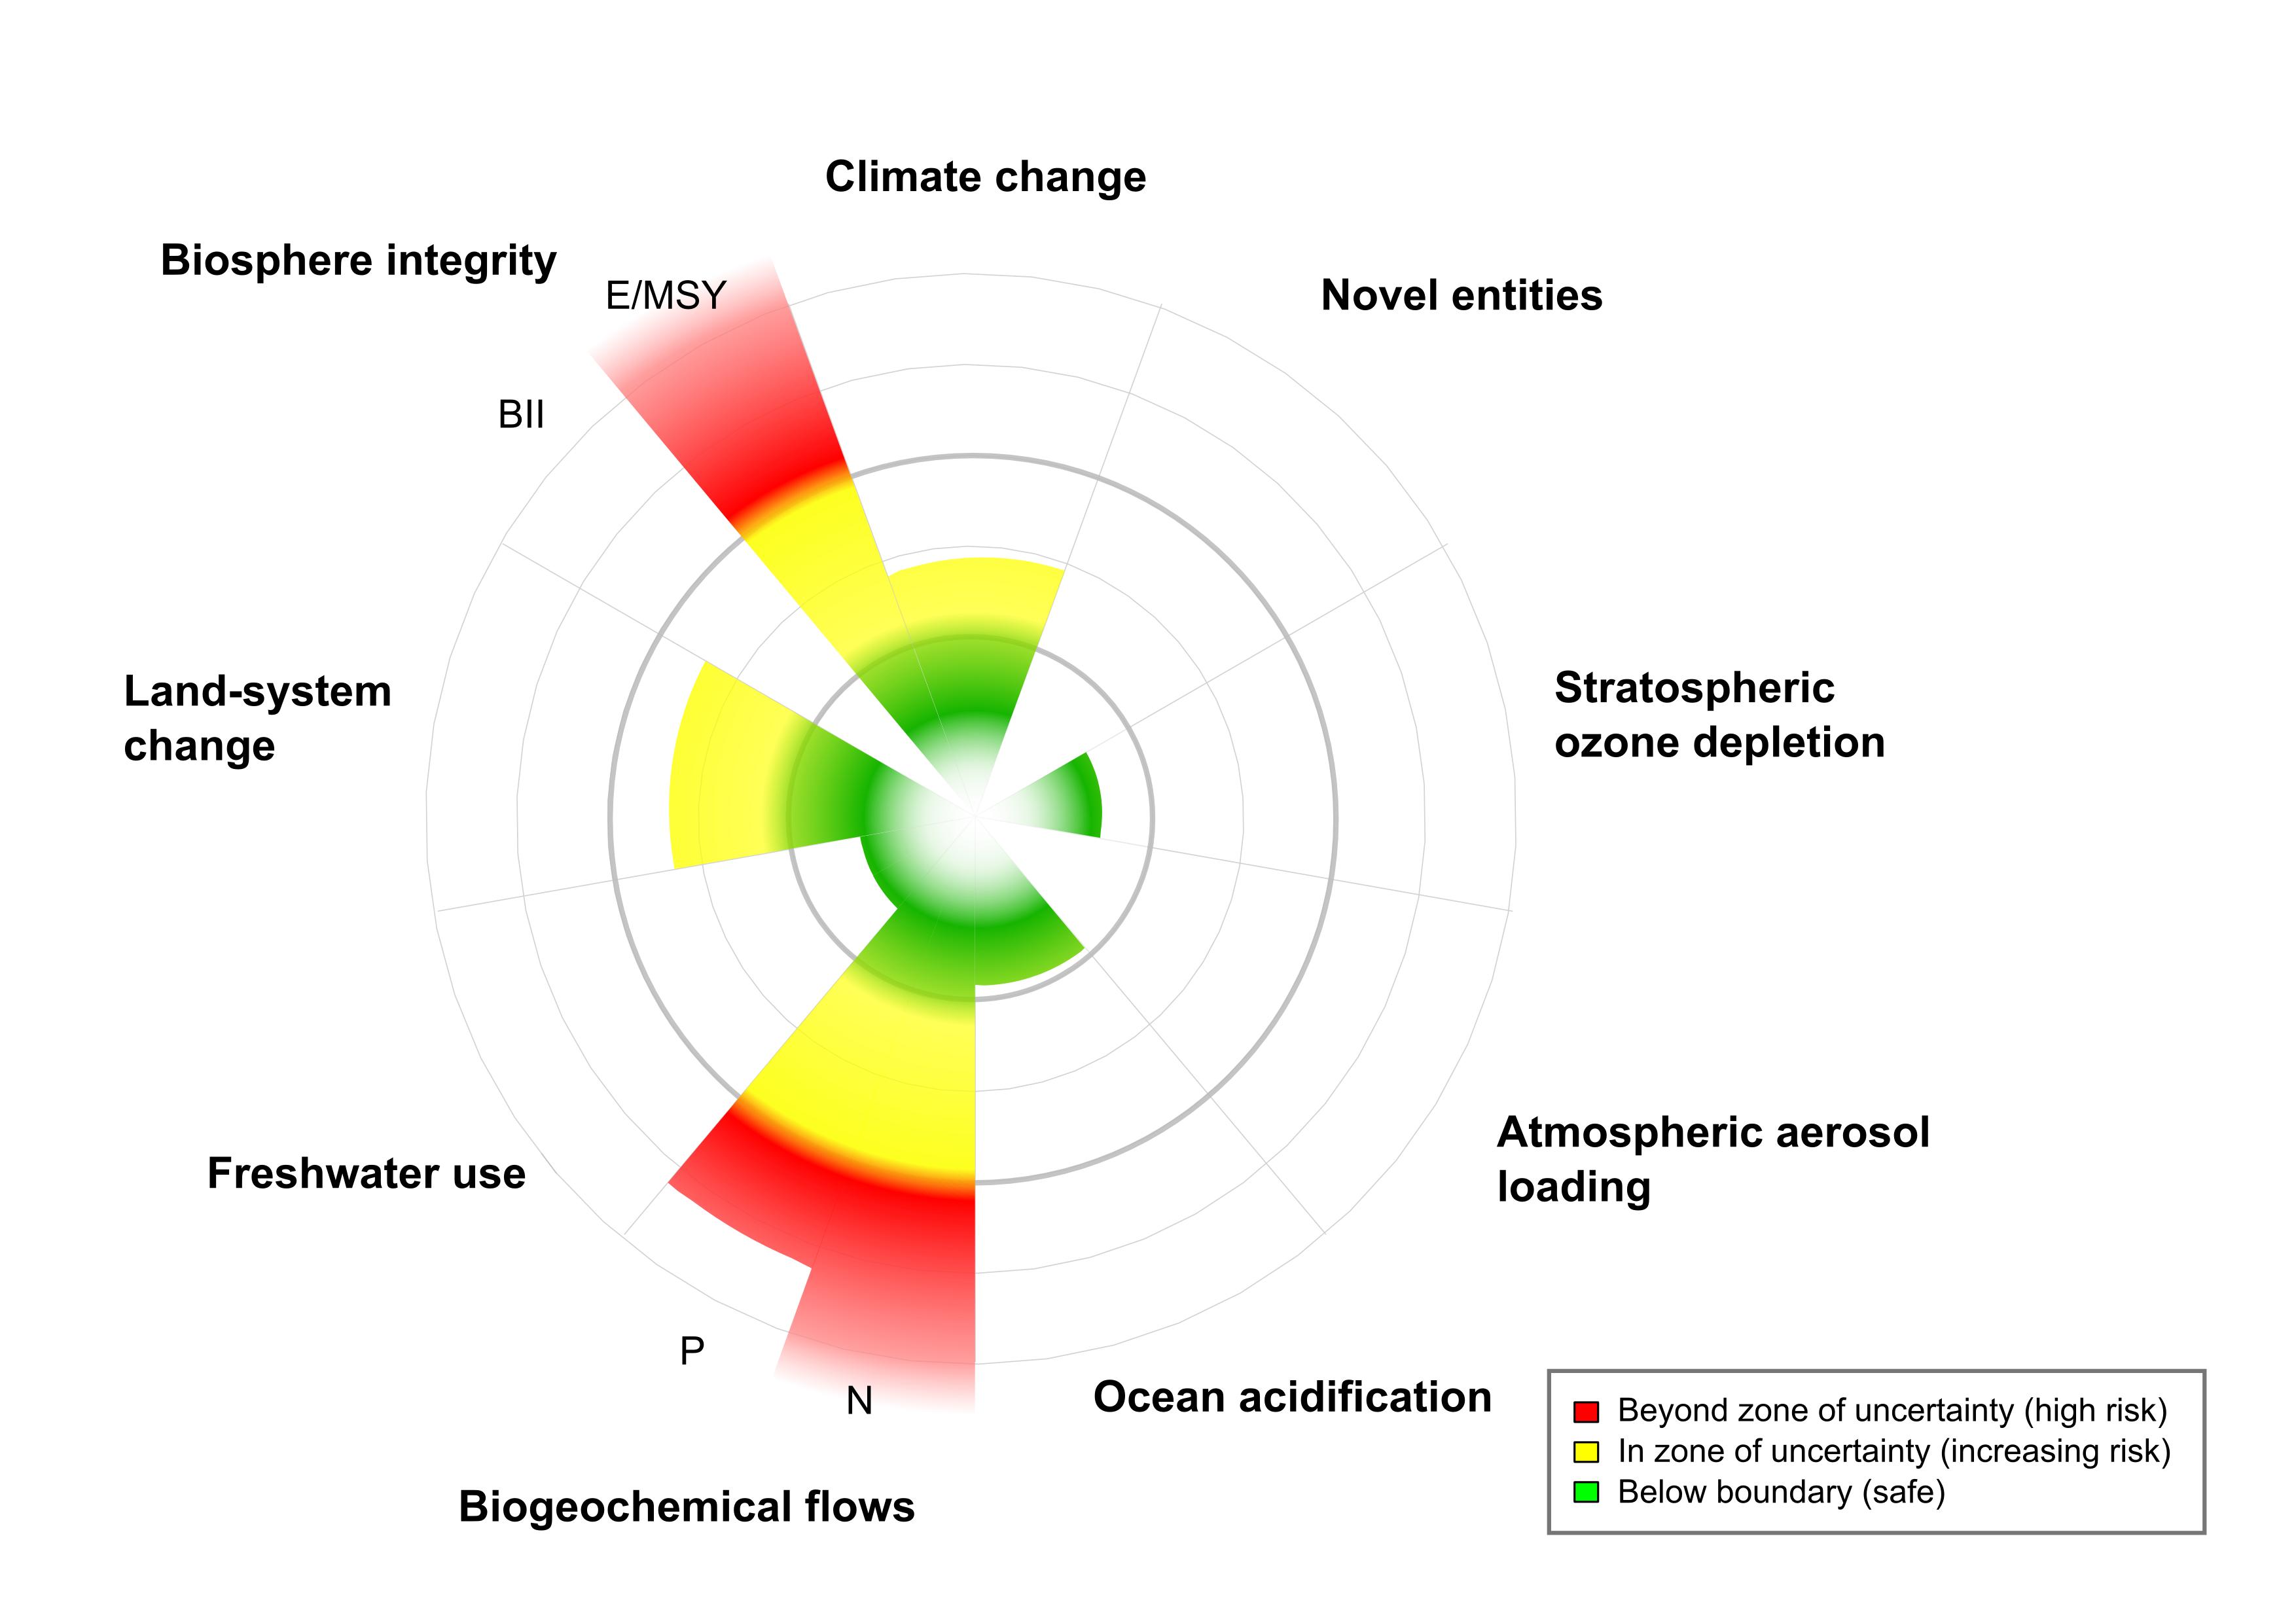 Updated planetary boundaries